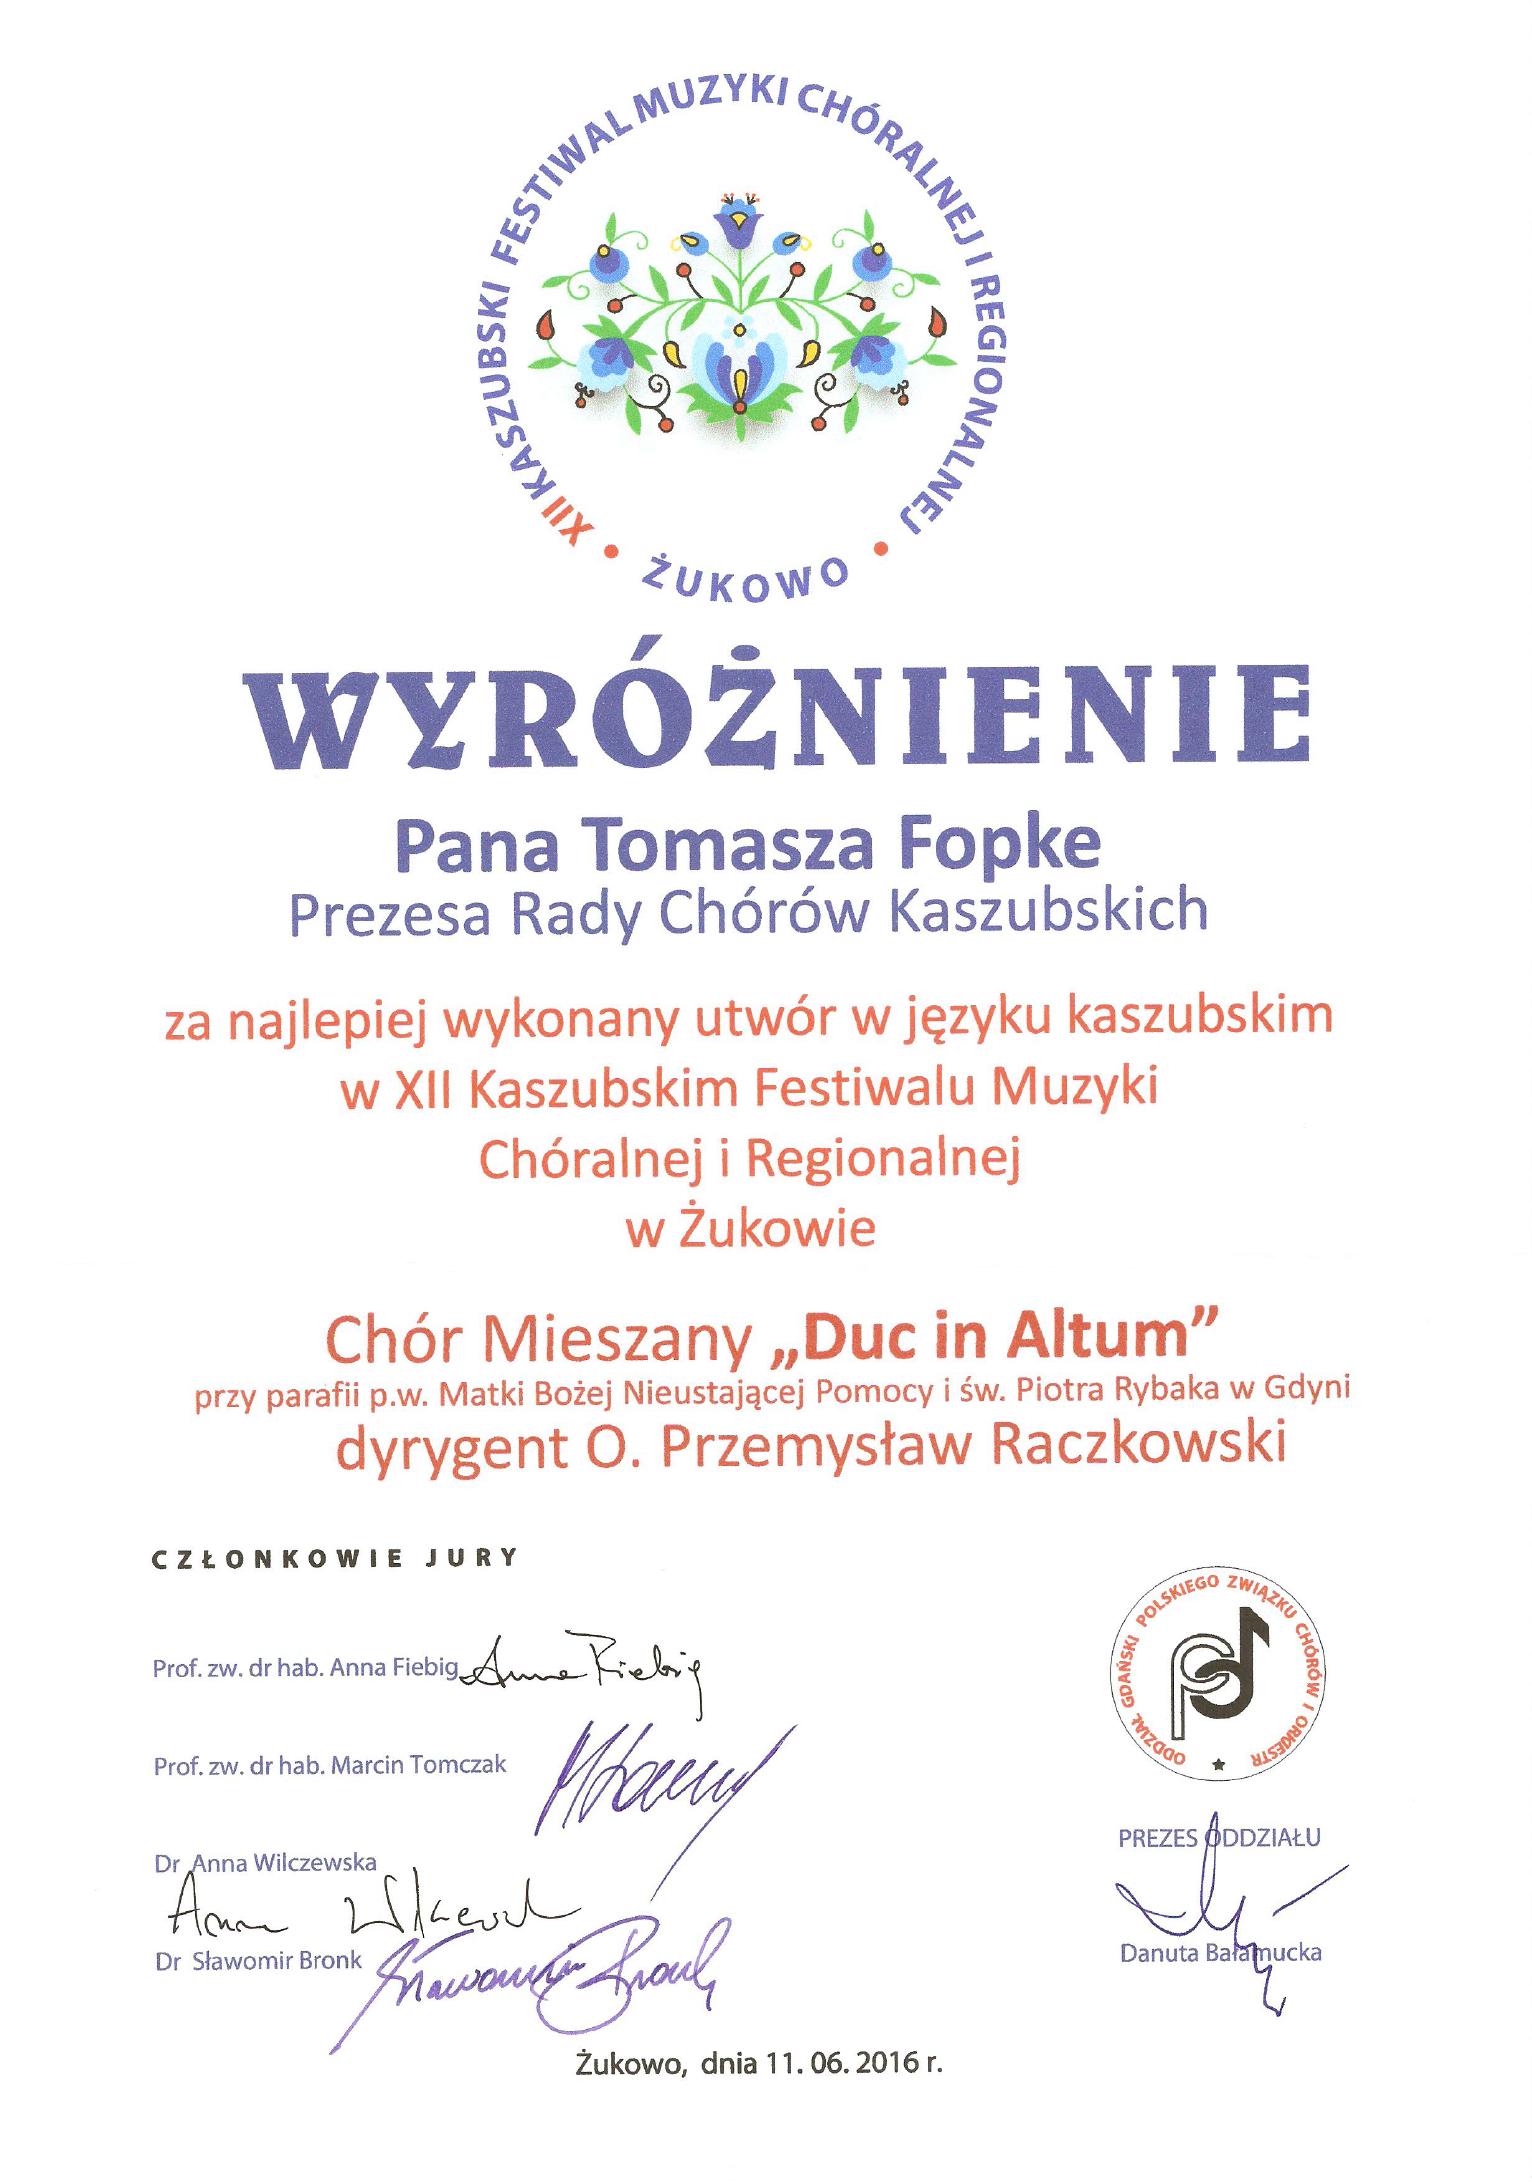 Raczkowski_Duc in altum_Zukowo_2016_wyr